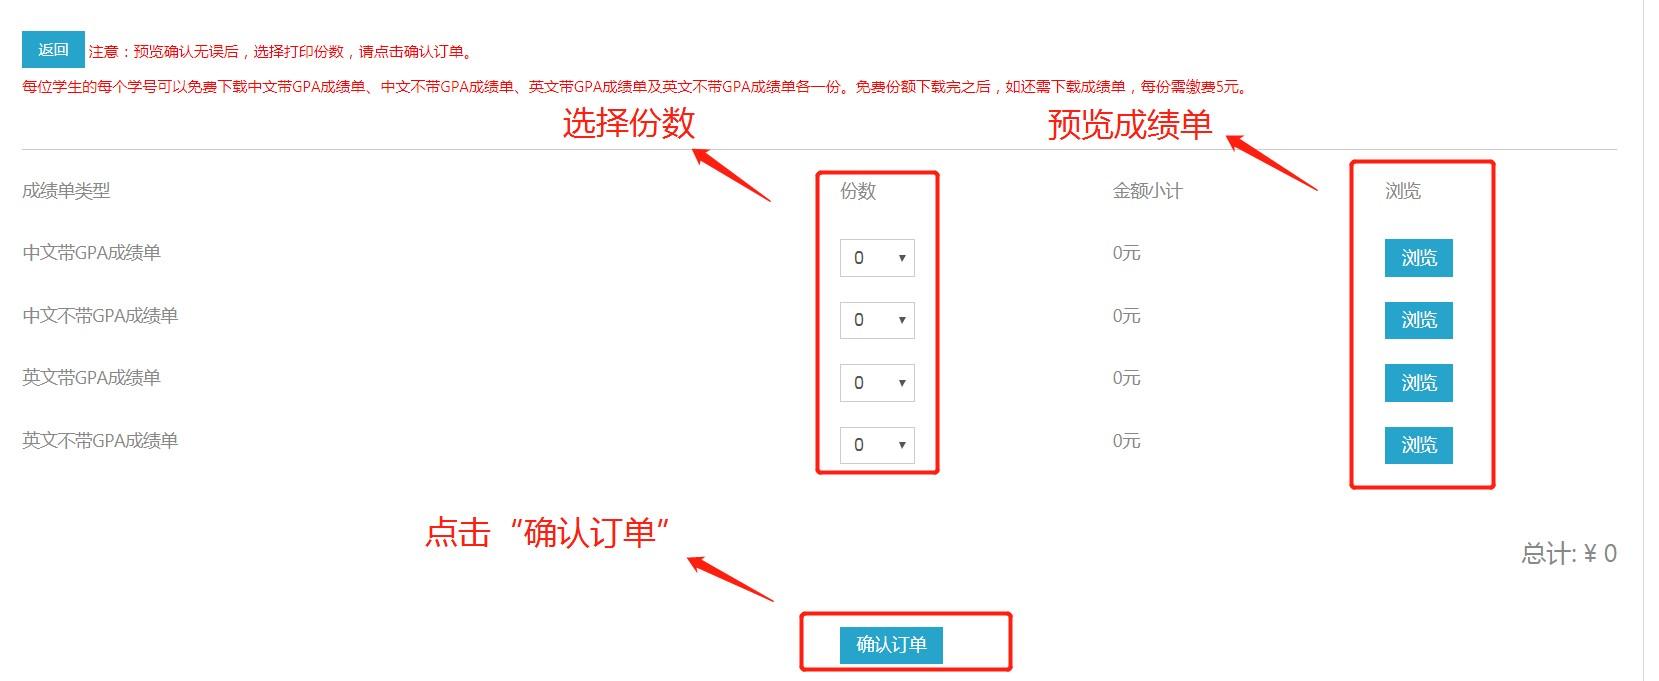 20200430图7 确认订单界面